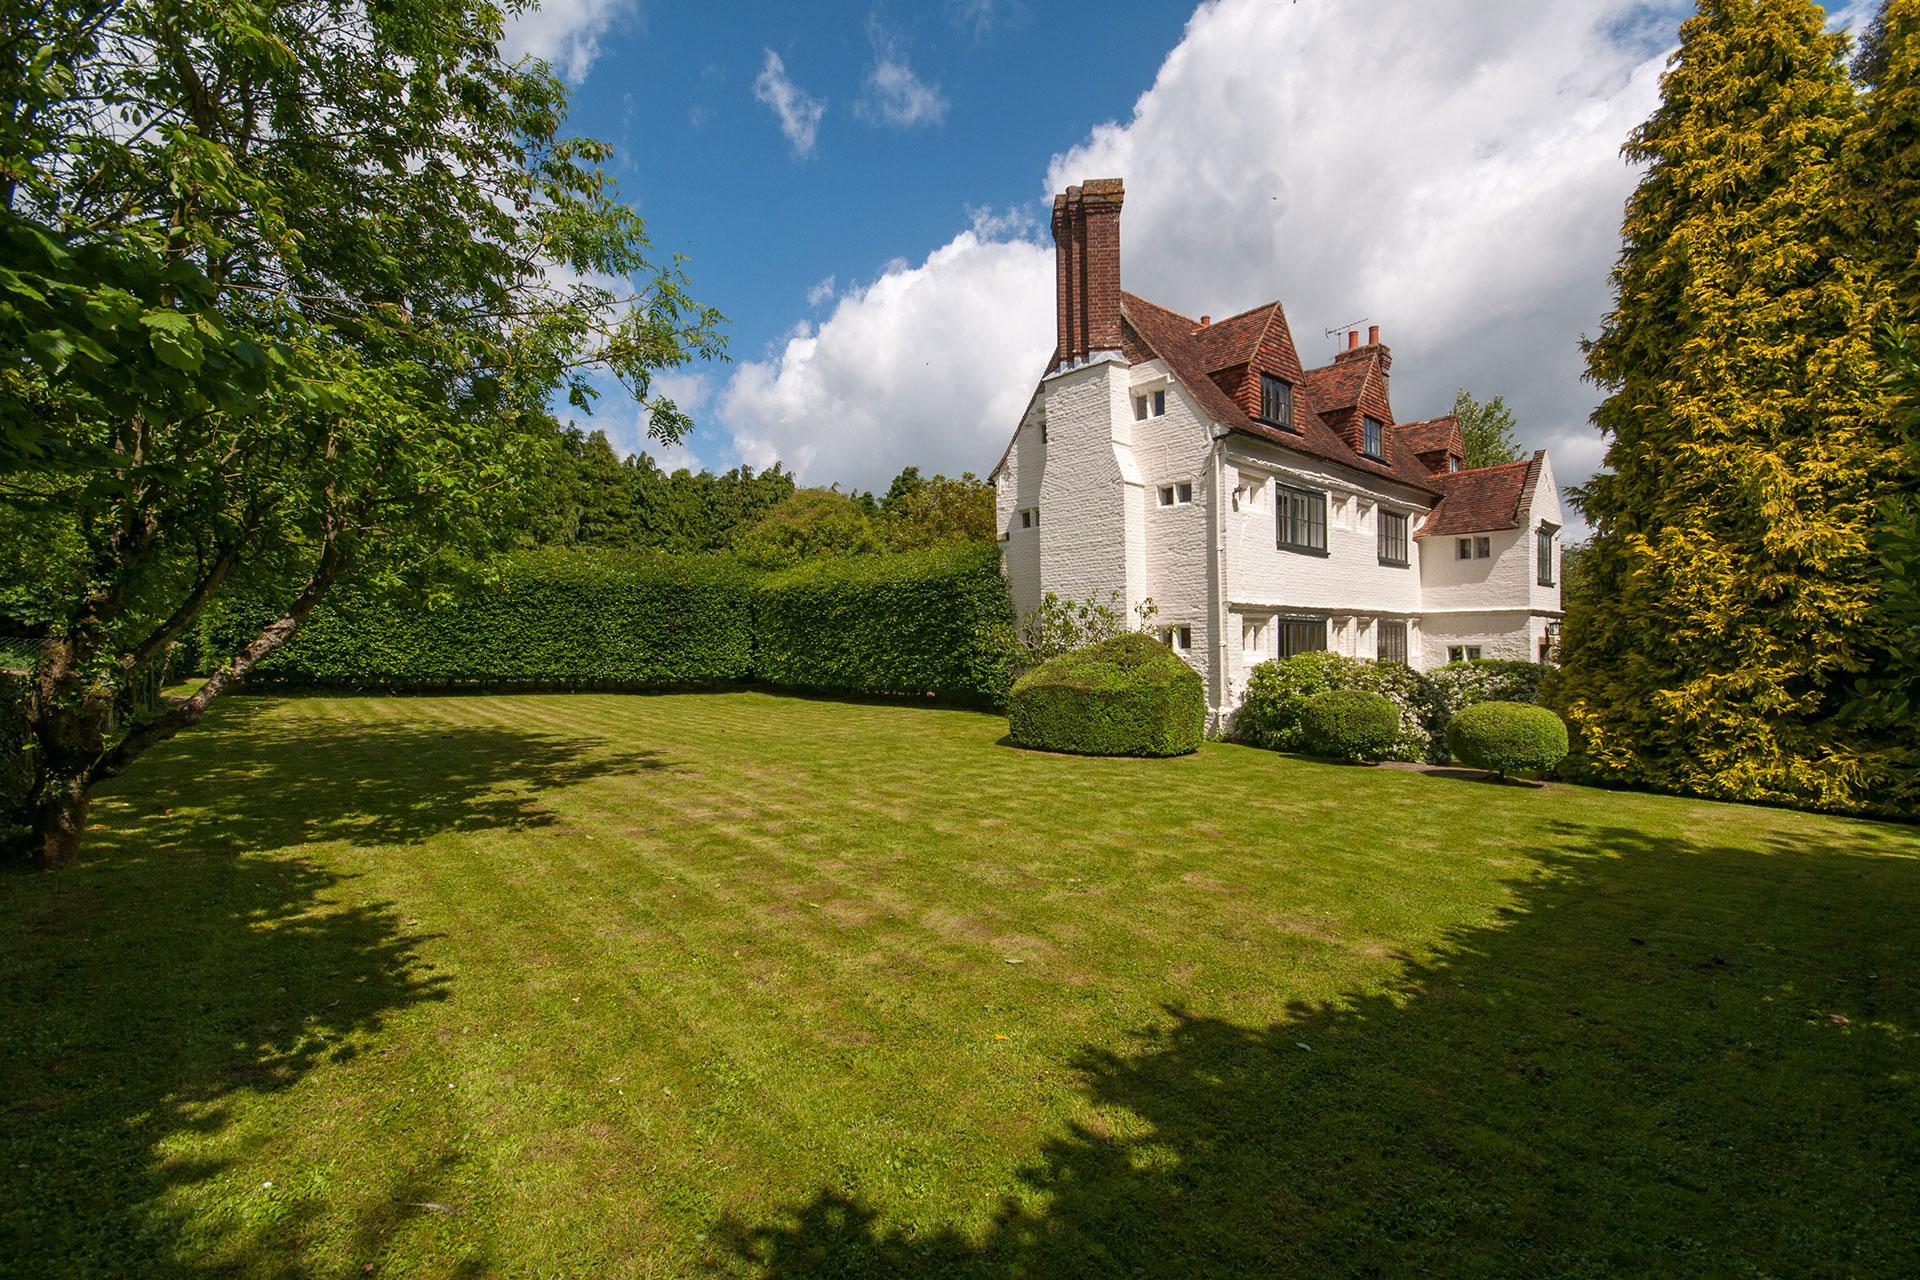 Snoad Street Manor, Throwley